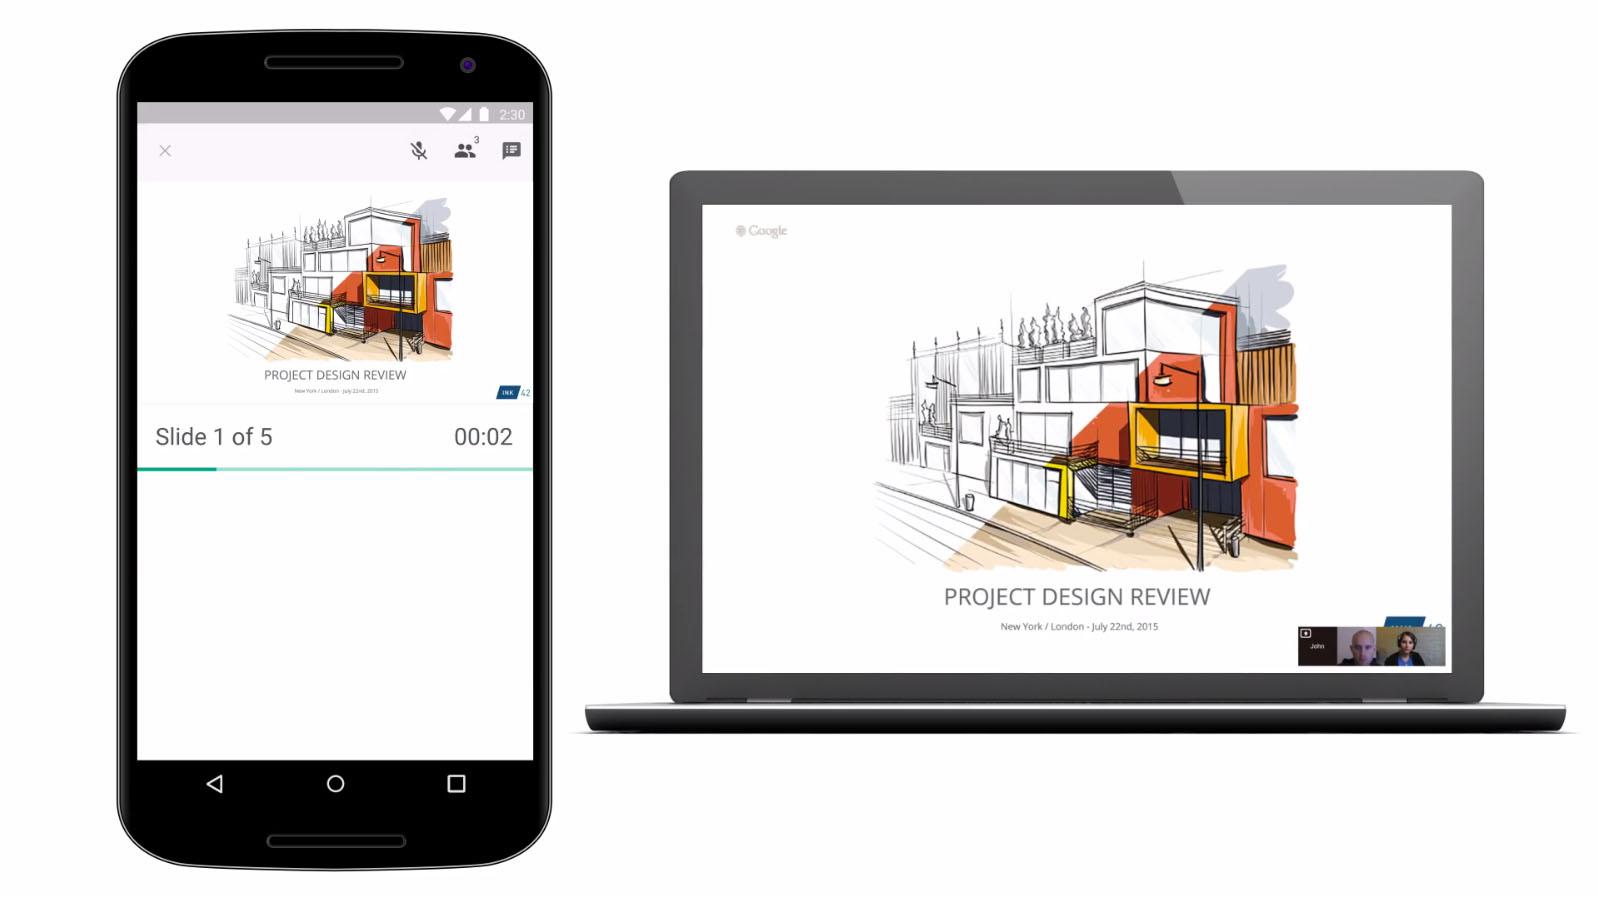 Google Slides comparte archivos en Hangouts